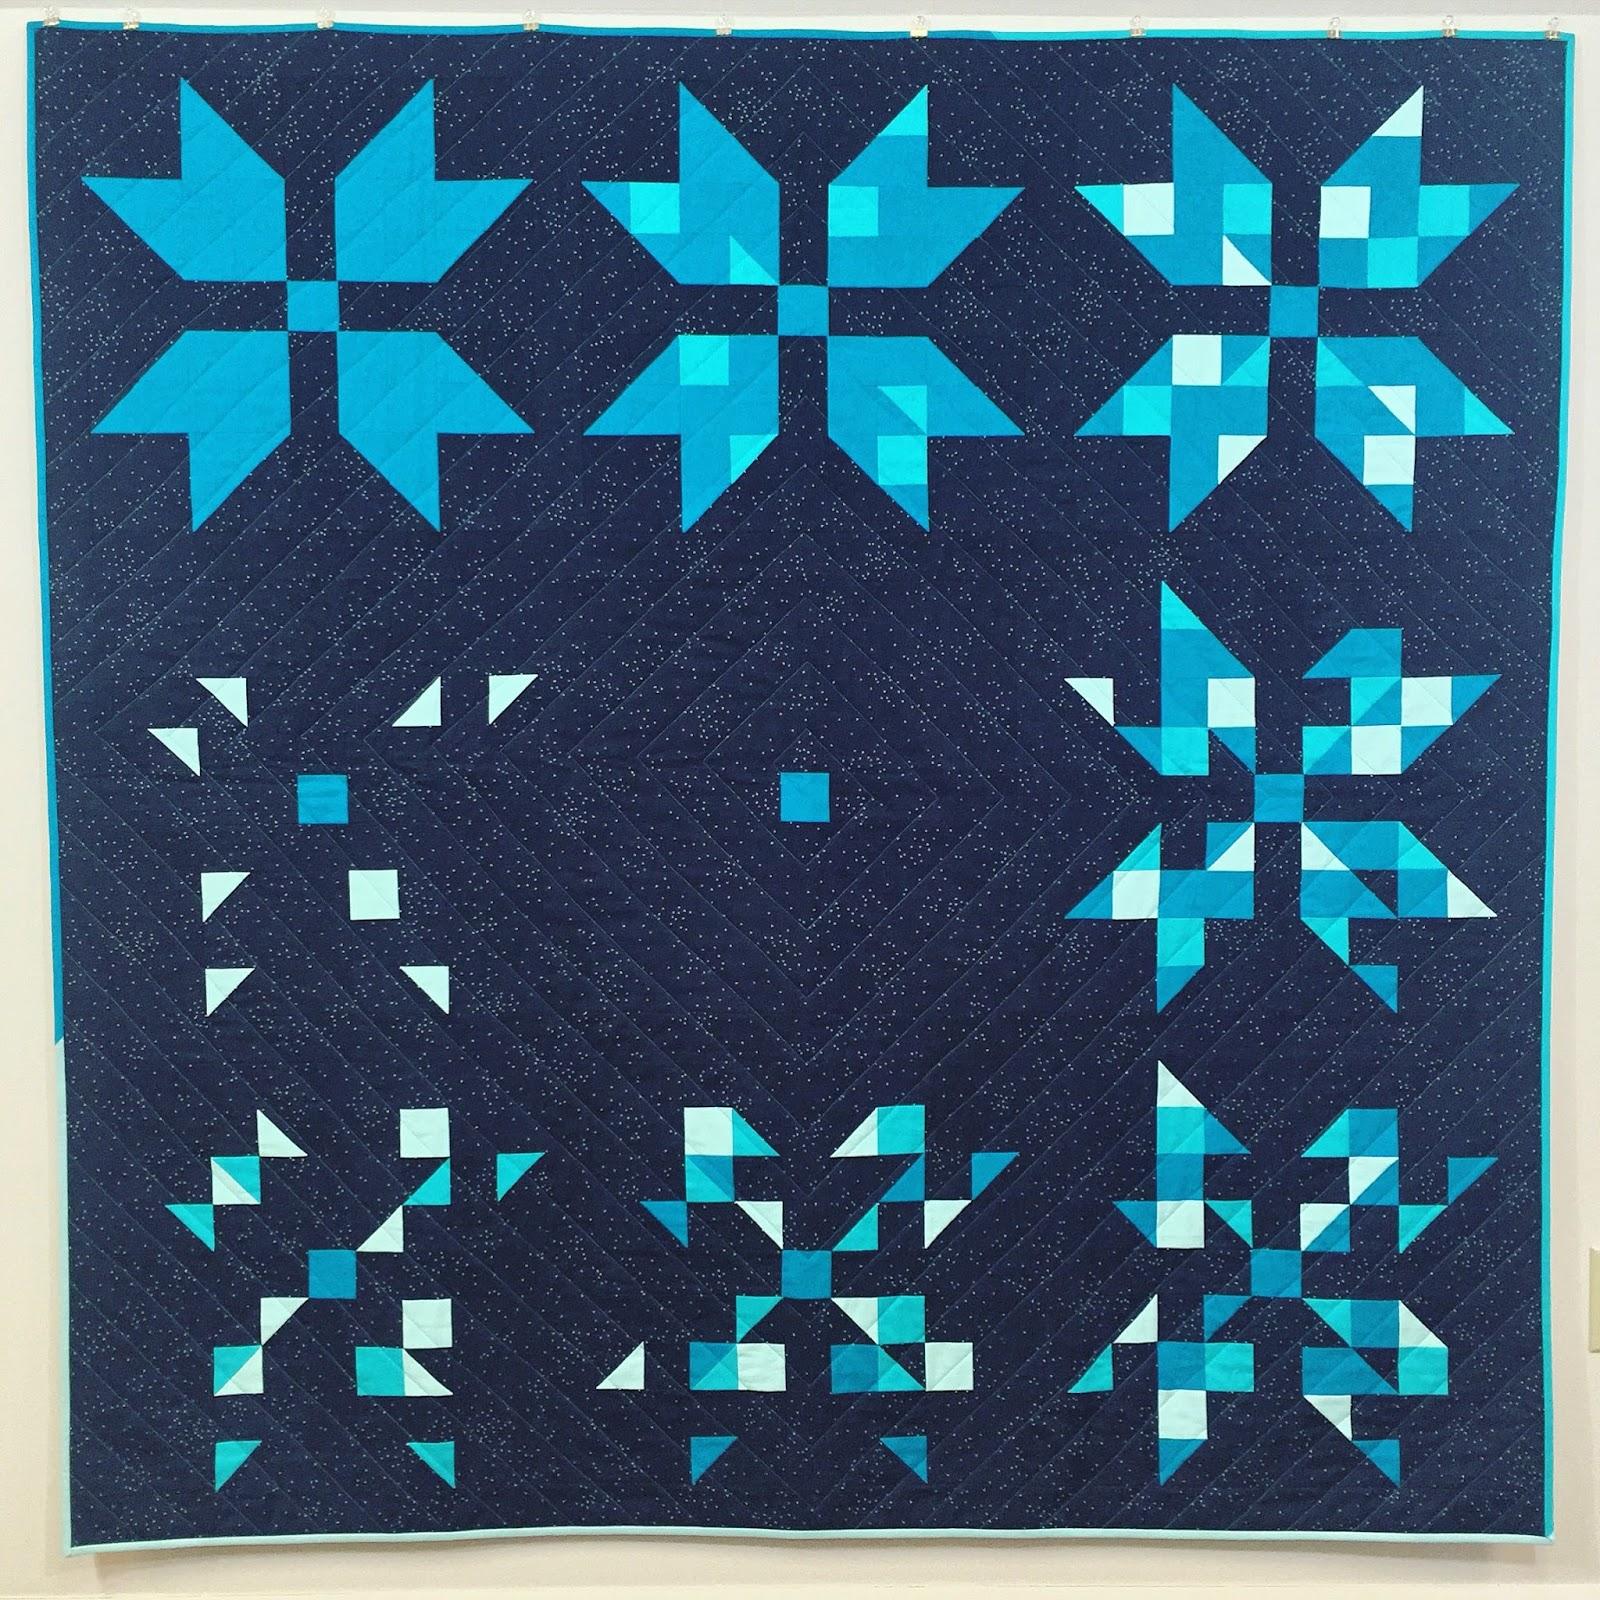 http://ablueskykindoflife.blogspot.com/2015/12/fading-star-quilt-finish.html